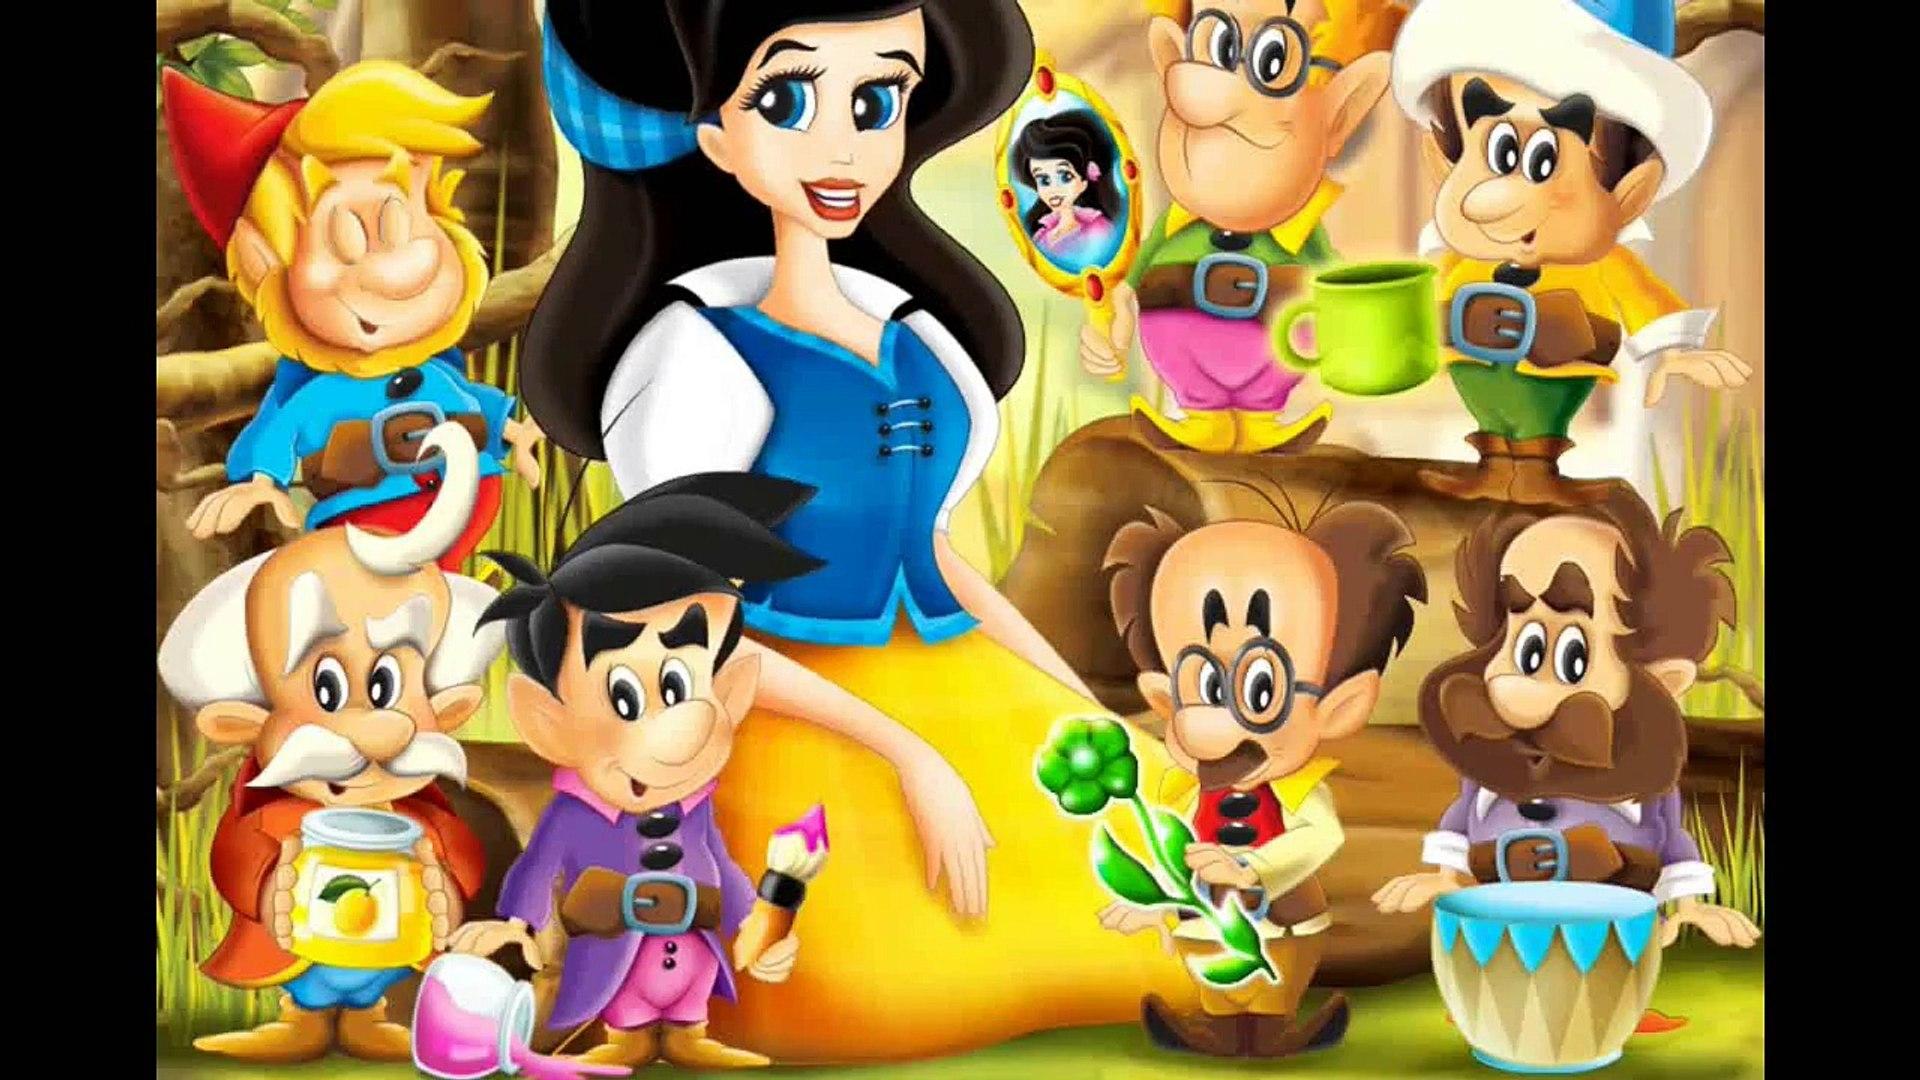 Фильм я я я и в Снежана семь гномов самых красивых сказочный мир мультфильм